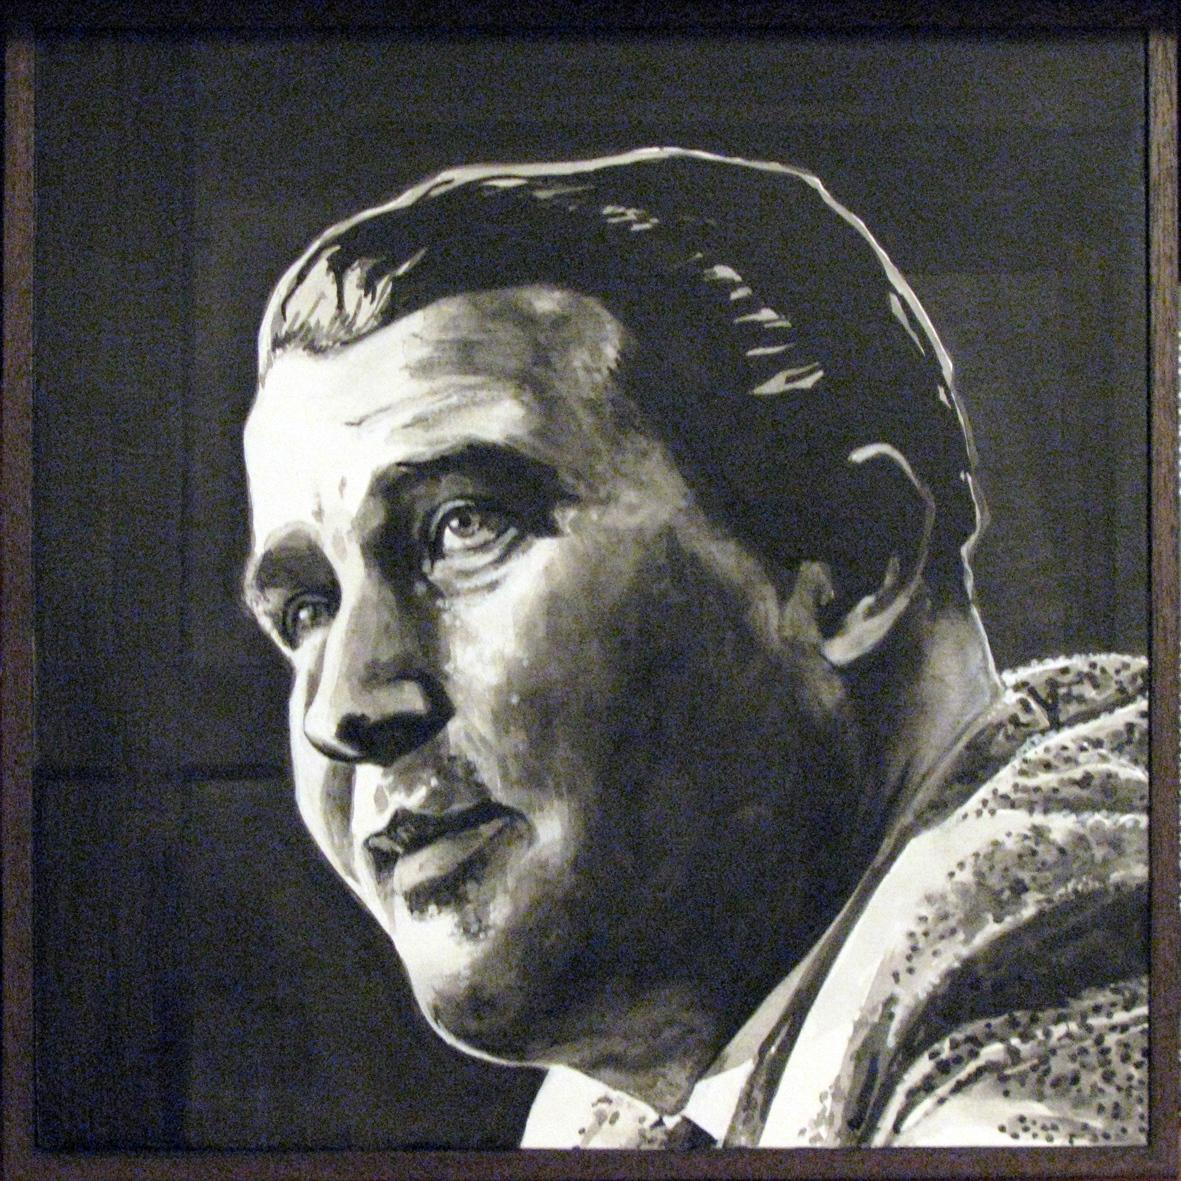 ADAM NORTON  Wernher von Braun  2010 acrylic on board 30 ×30 cm